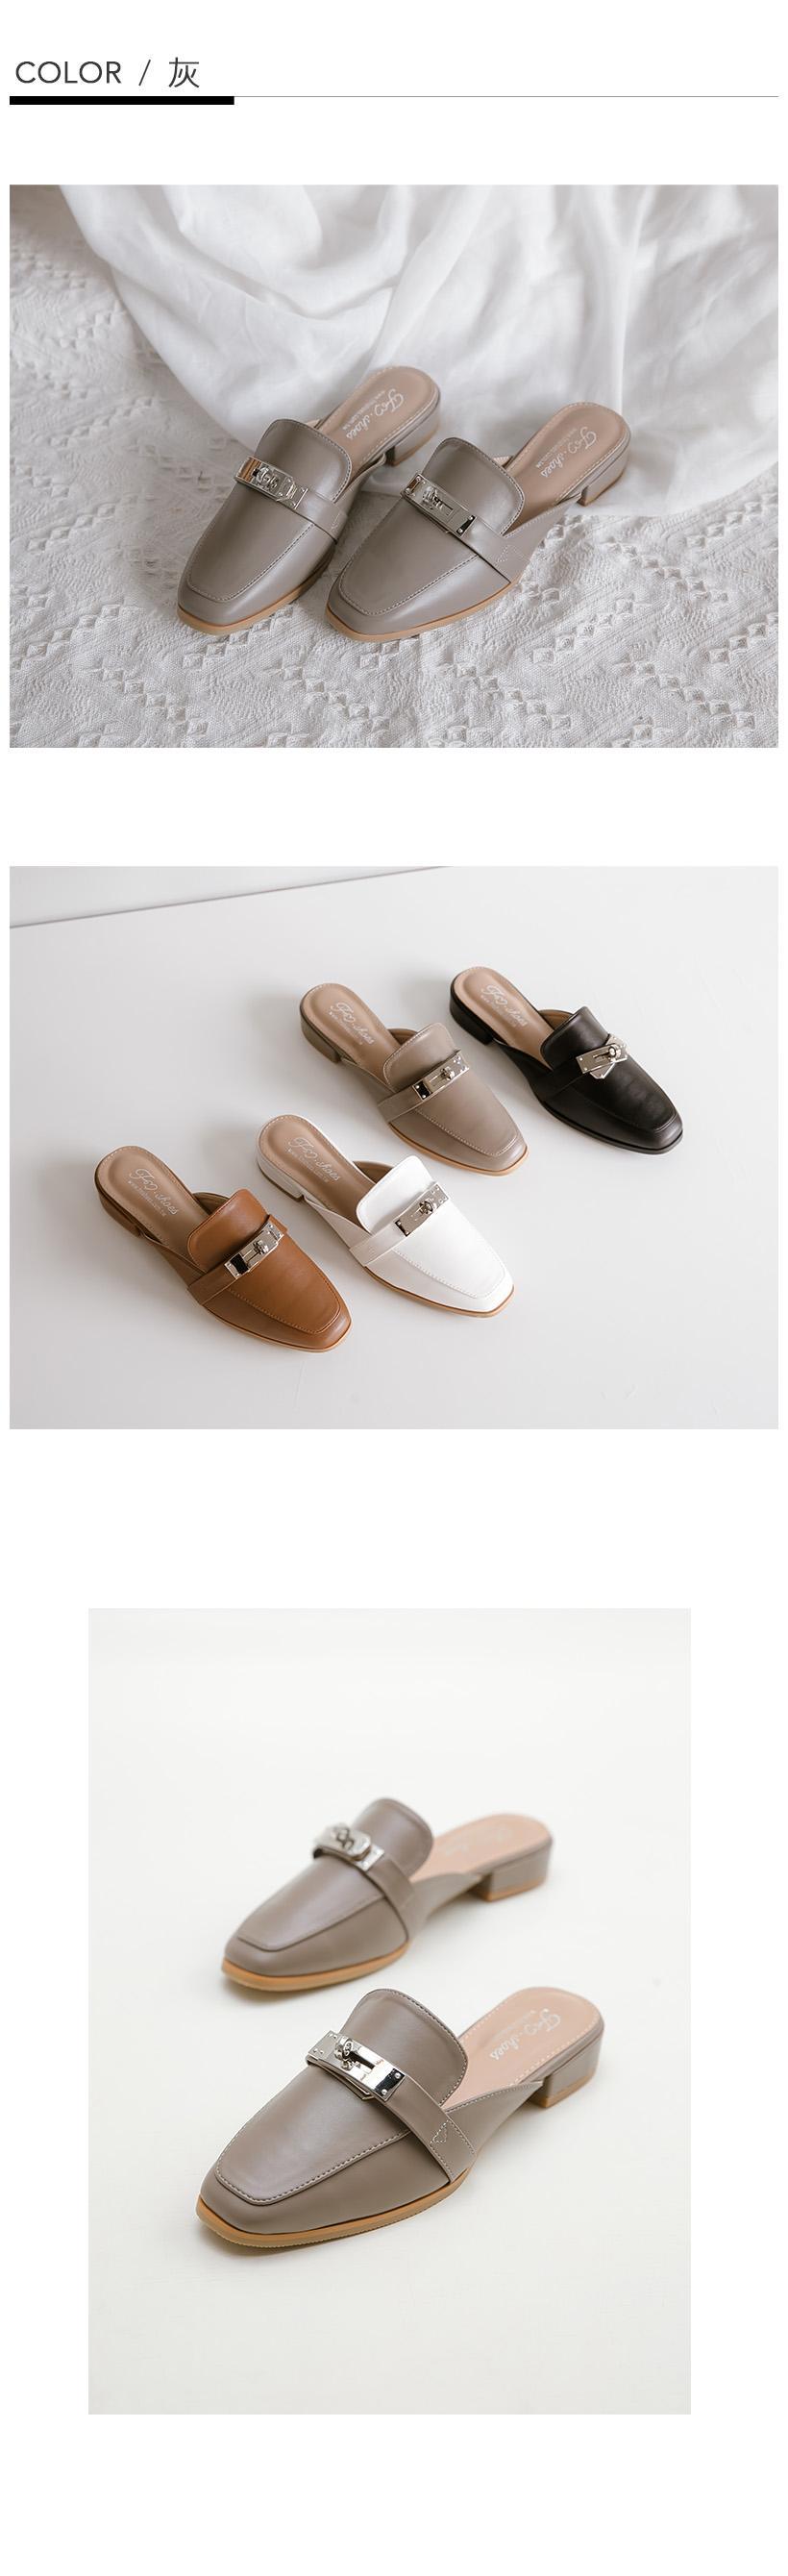 韓-金屬鎖扣穆勒拖鞋(灰)-大尺碼